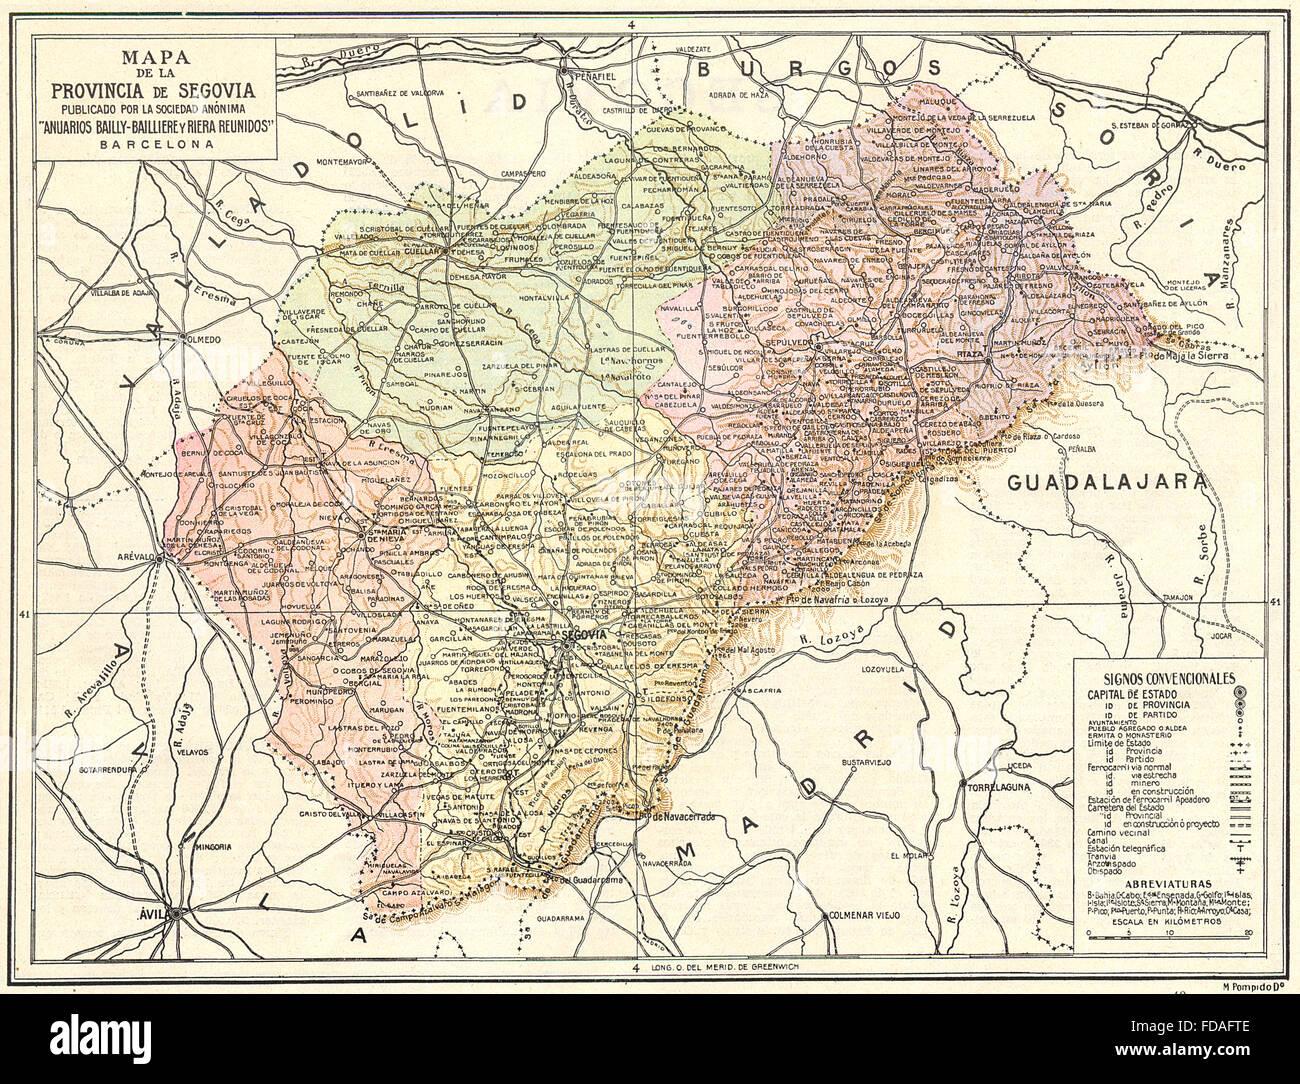 Provincia De Segovia Mapa.Spain Mapa De La Provincia De Segovia 1913 Stock Photo